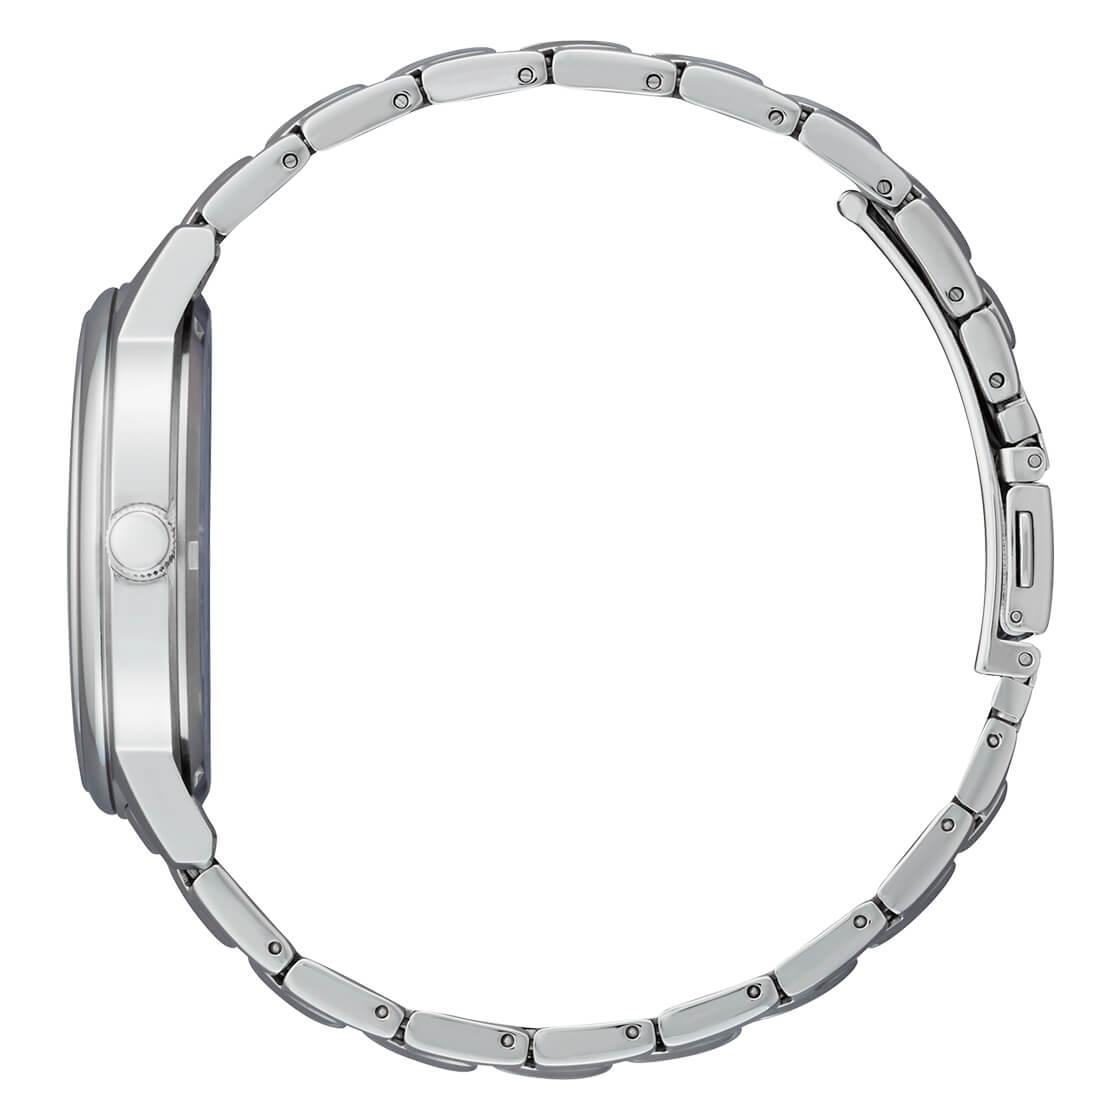 ساعت مچی عقربهای مردانه سیتی زن مدل AW1670-82L